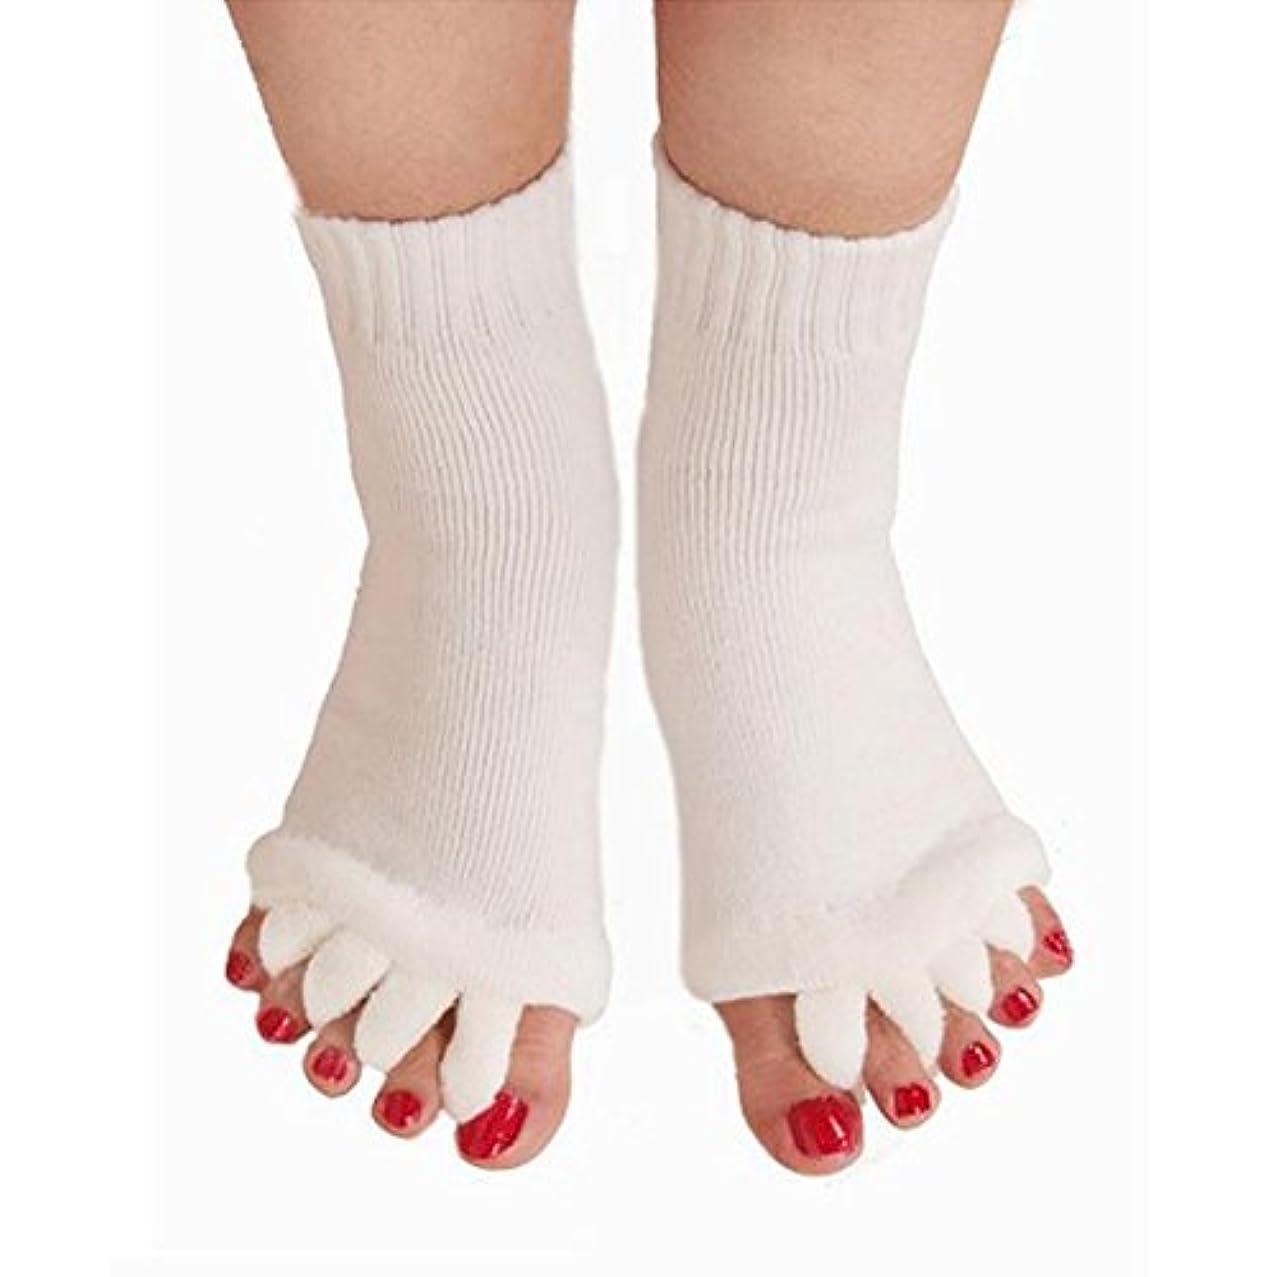 伝統ブランド一過性5本指 ソックス 靴下 足指全開 スリーピングソックス 足指ケア 痛みを軽減する 外反母趾 偏平足対策 ヨガウェア 美脚 就寝時用 快眠 むくみ解消 ホワイト 1ペア